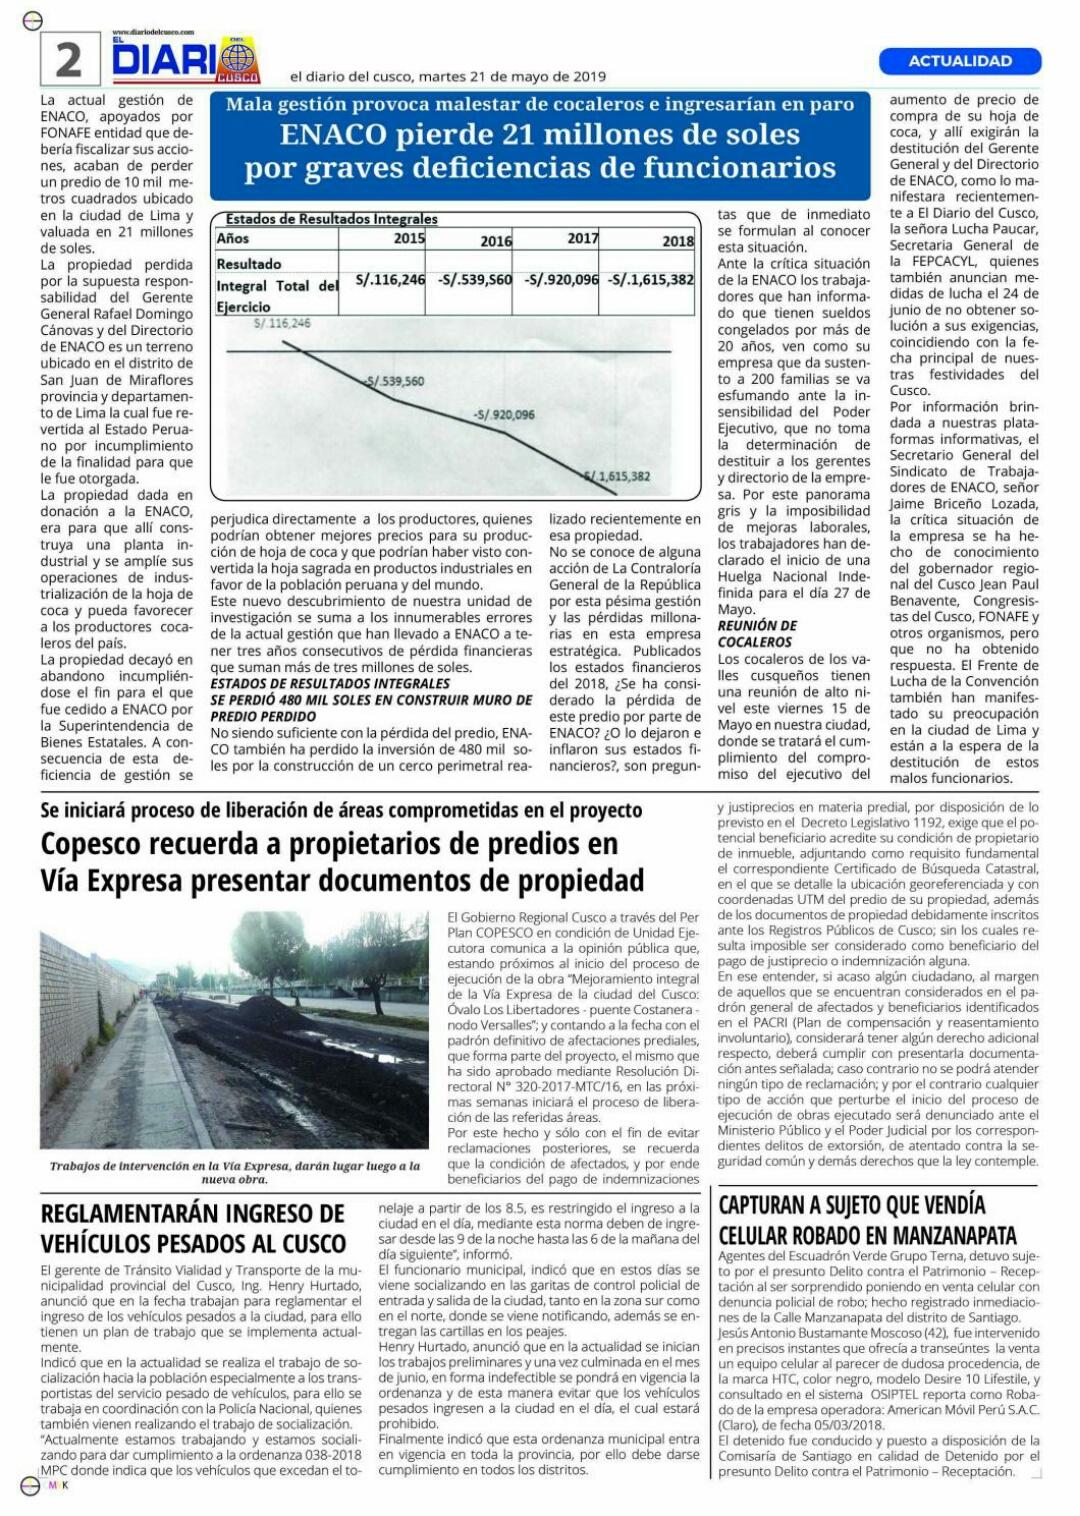 Pésima gestión en ENACO pierde predio de 21 millones